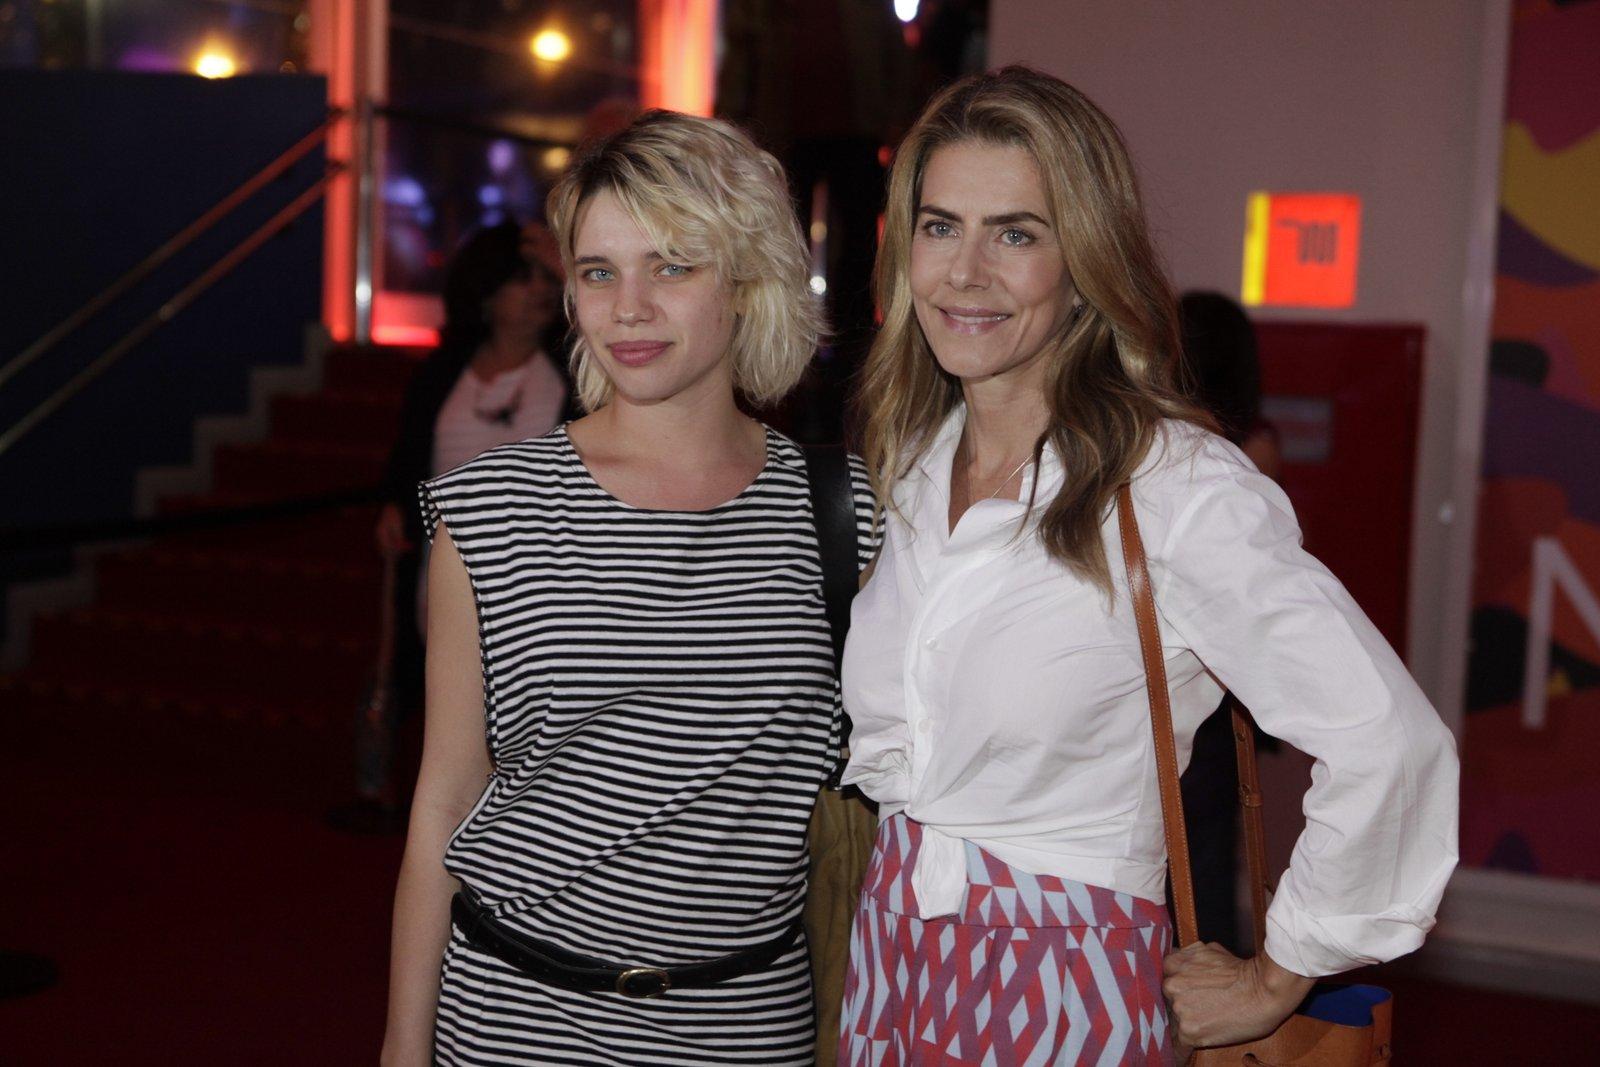 Bruna Linzmeyer e Maitê Proença em pré-estreia de filme na Zona Sul do Rio